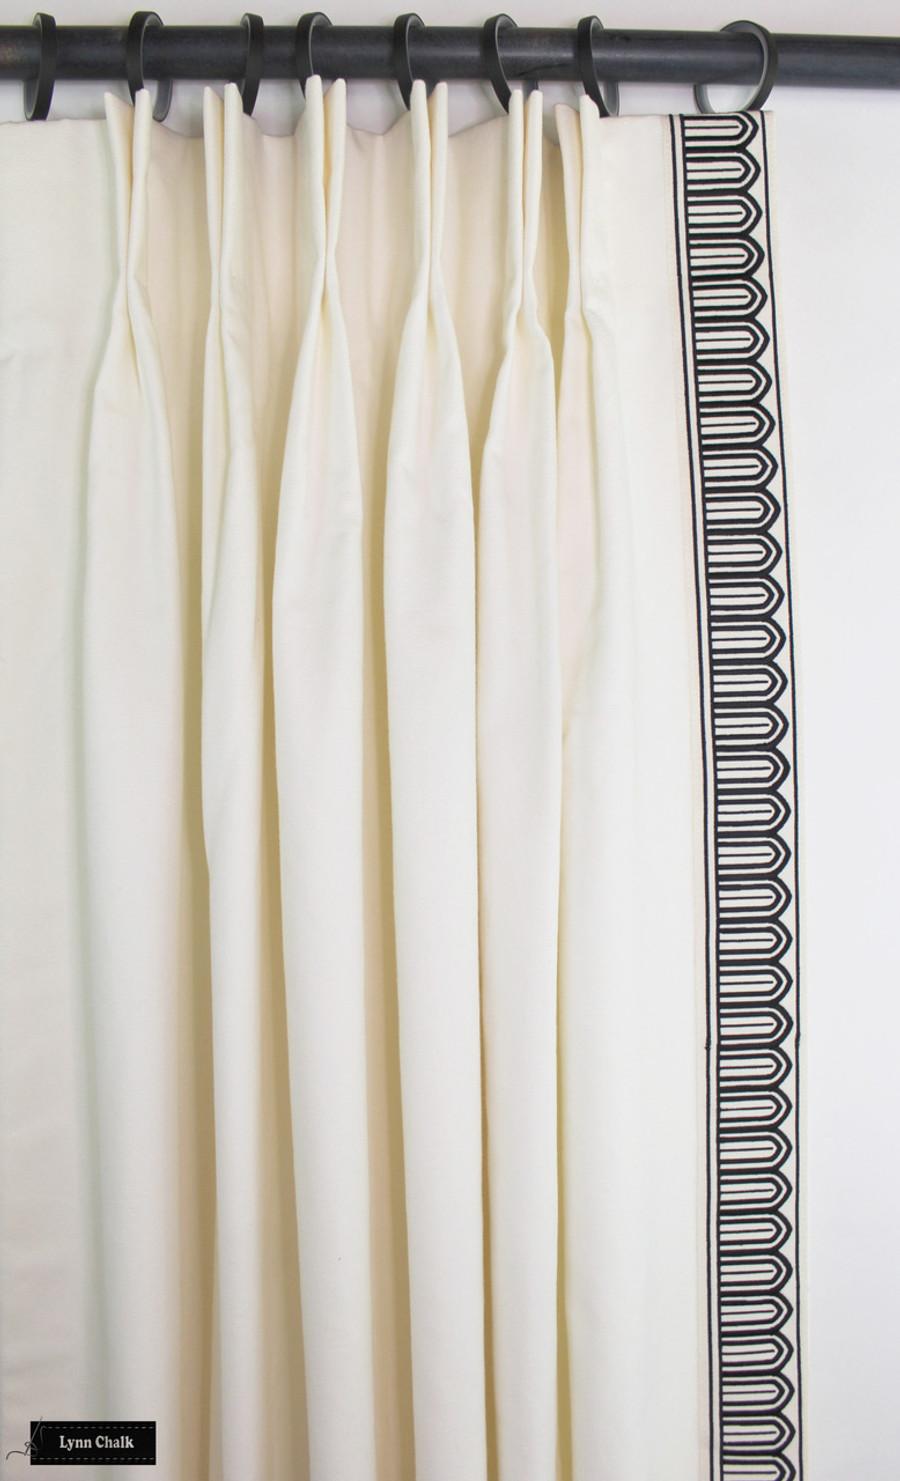 Custom Drapes in Schumacher Elliott in Cream 69492 with Schumacher Arches Trim Black on White 70760